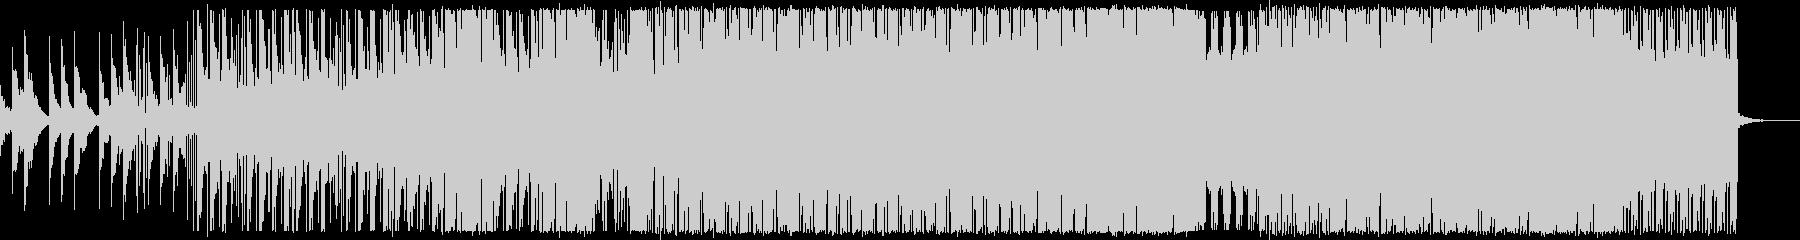 神秘的なピアノのテクノ/アンビエント曲の未再生の波形